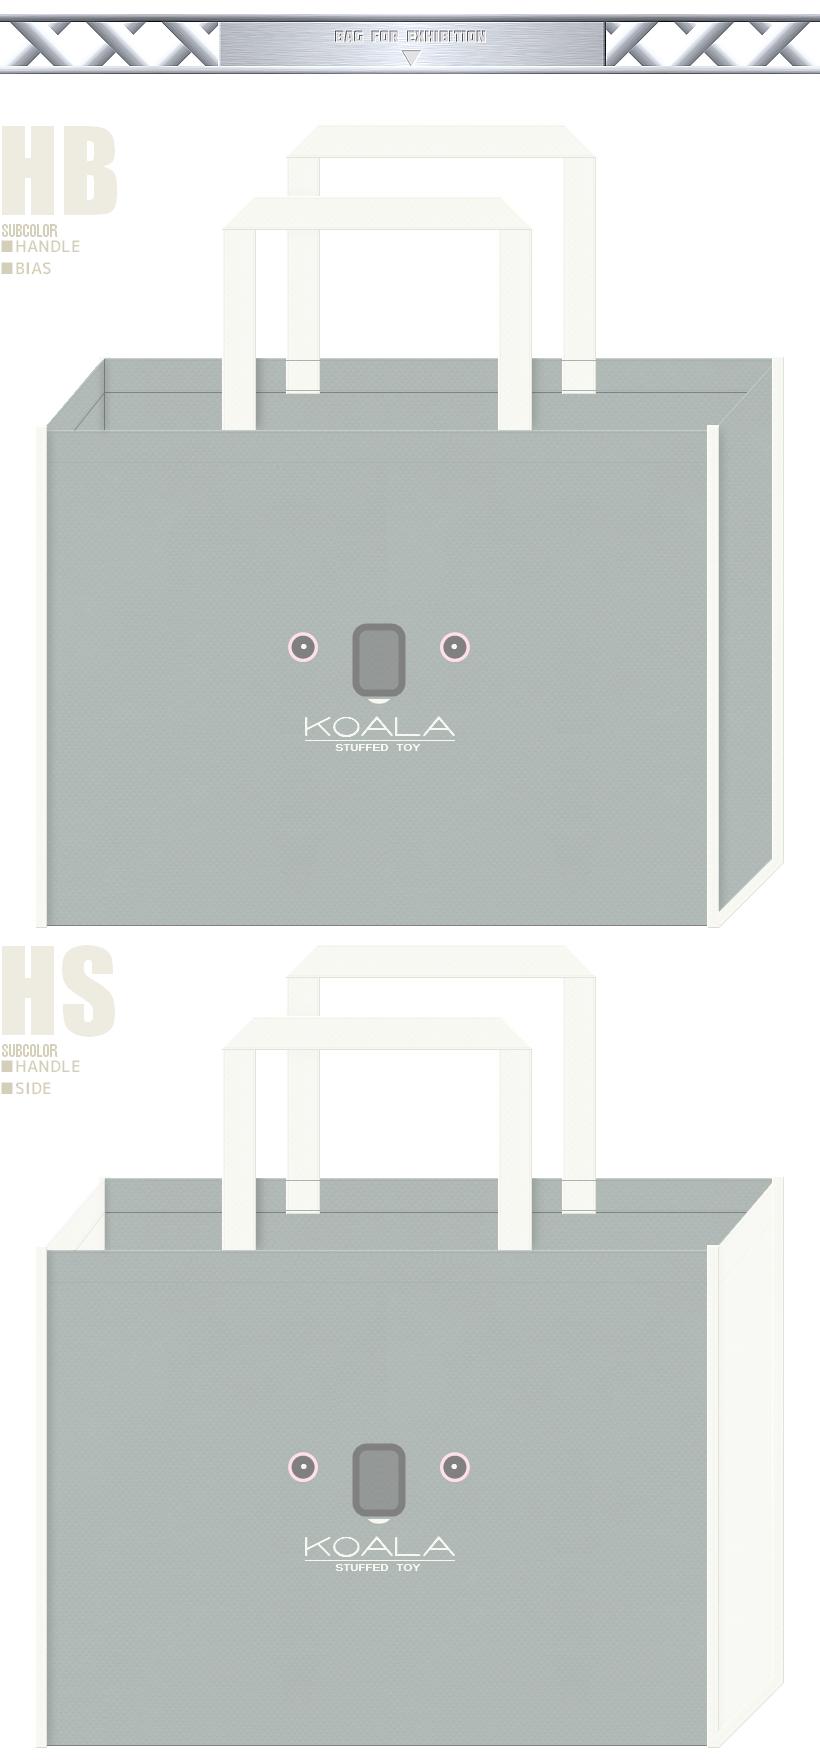 グレー色とオフホワイト色の不織布バッグデザイン:ぬいぐるみ・玩具の展示会用バッグ